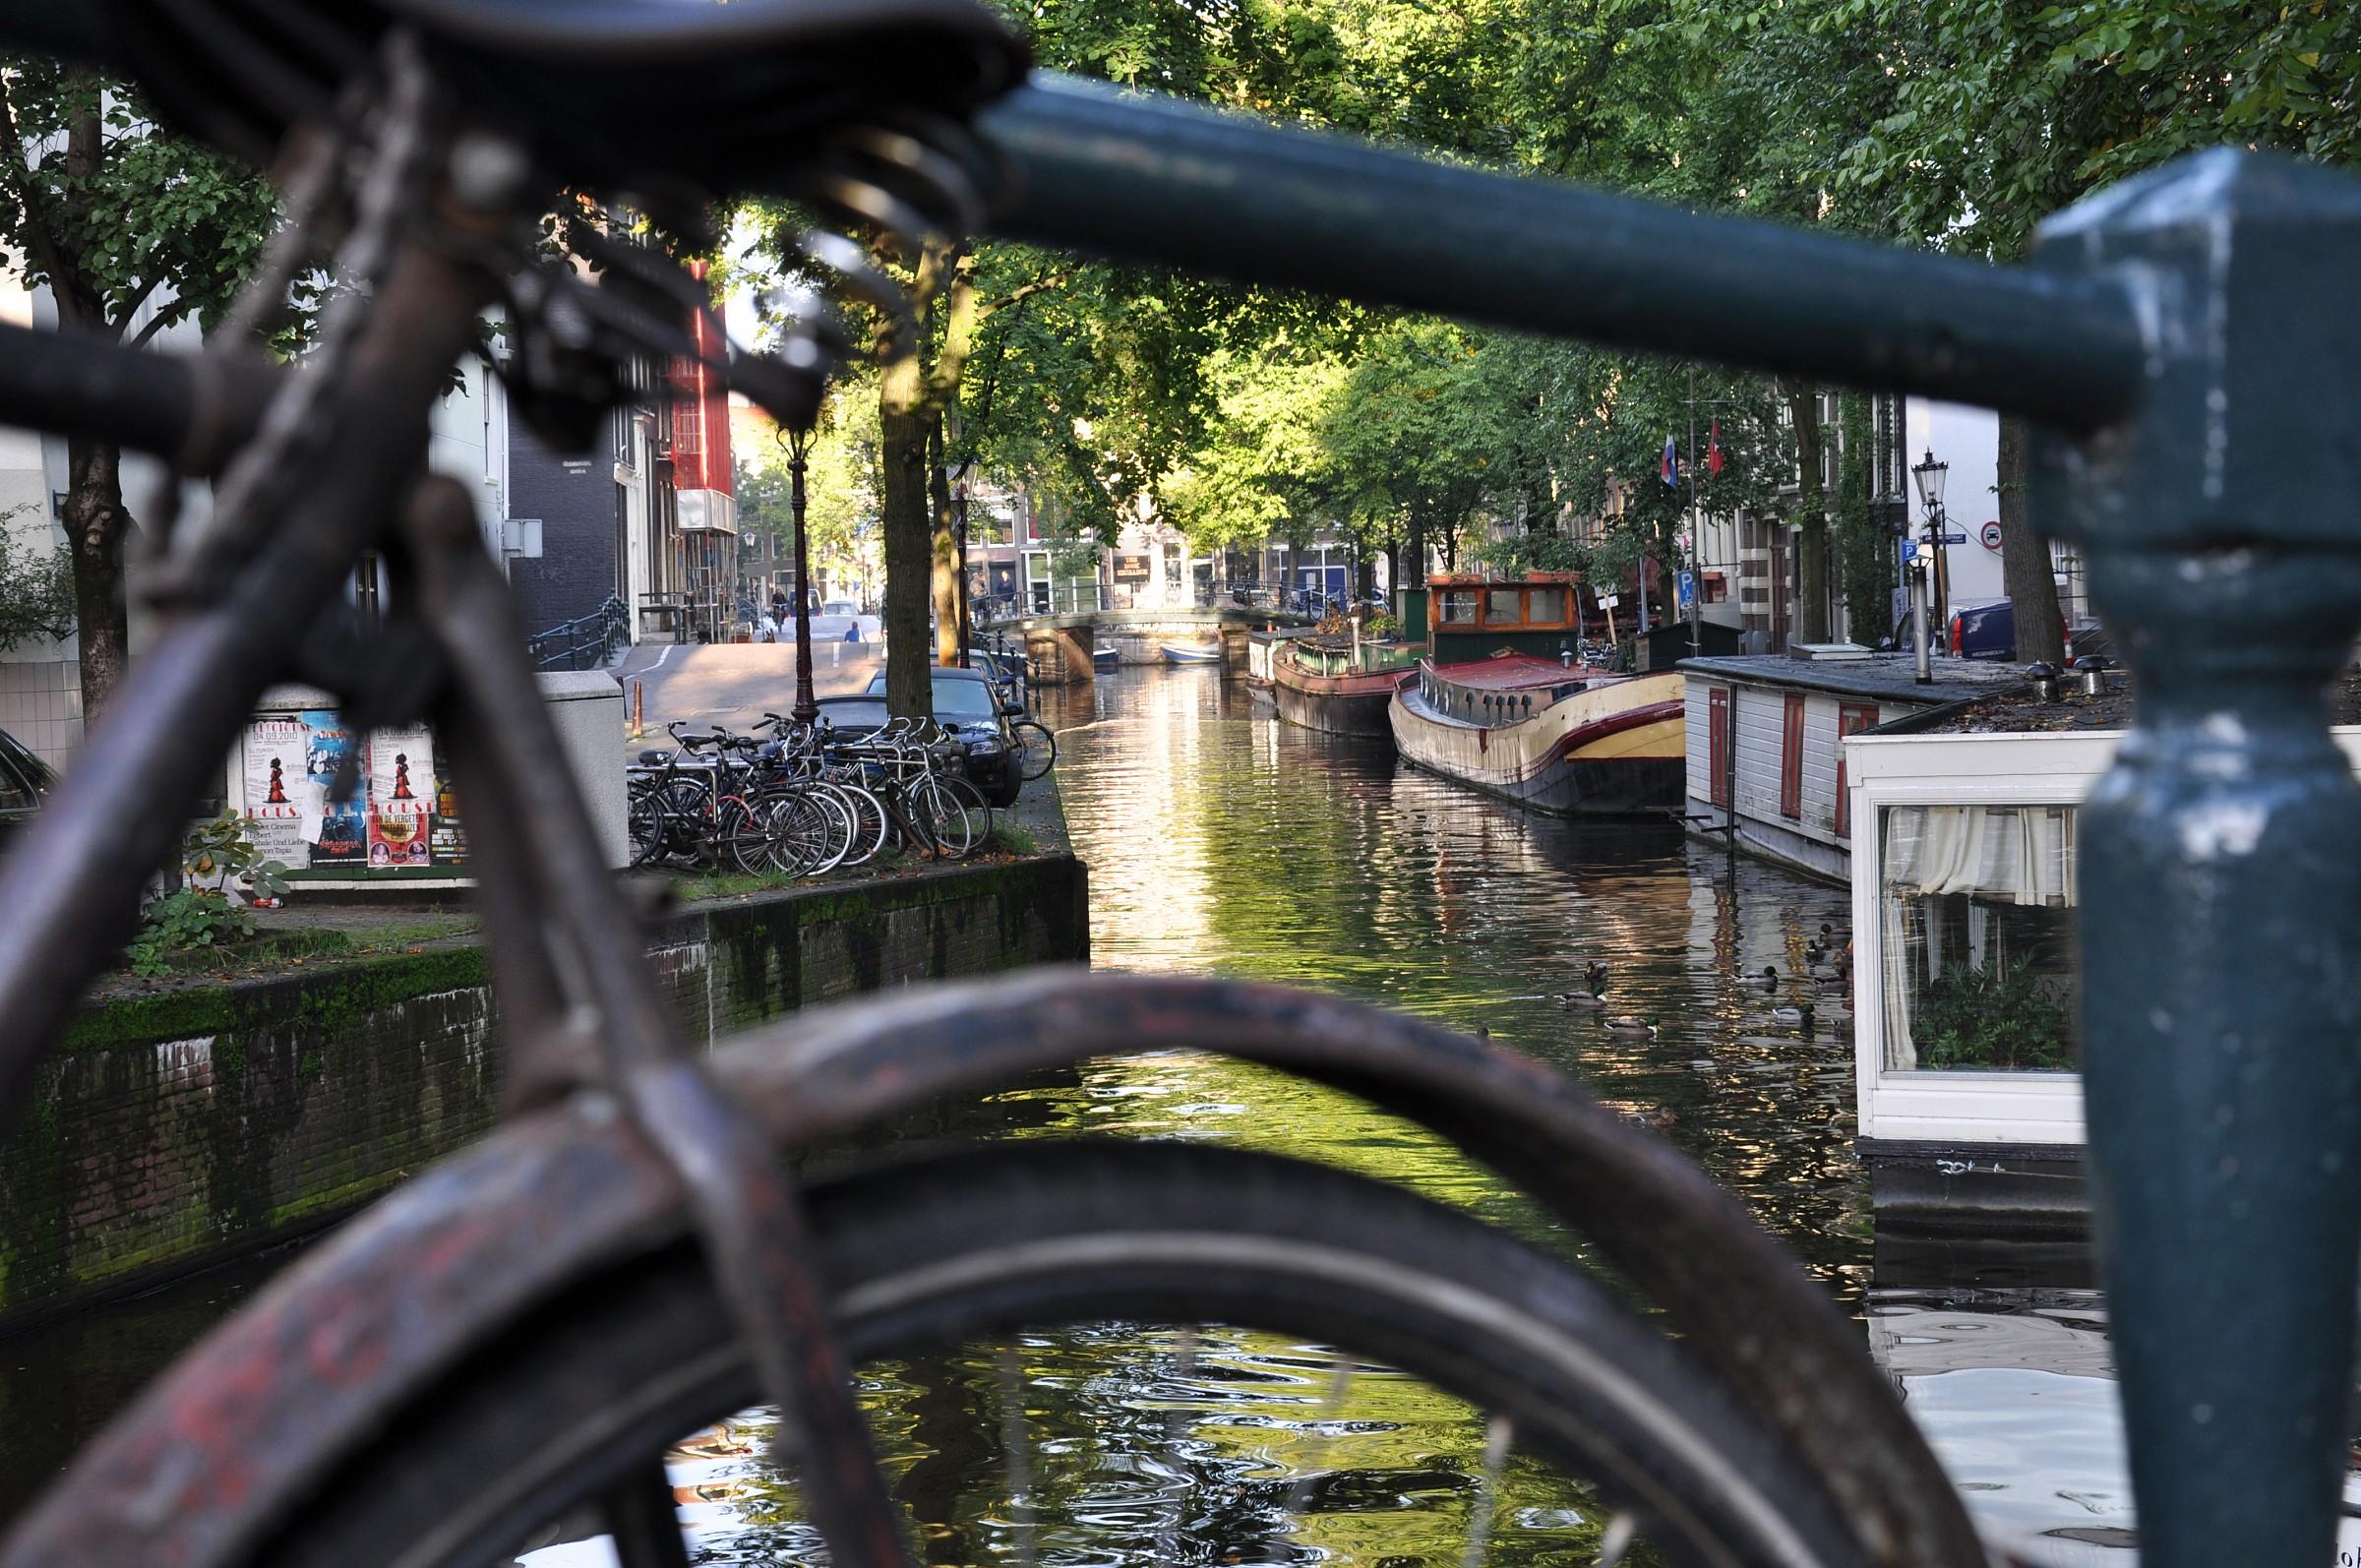 Bicicletta, viaggiare ad Amsterdam...